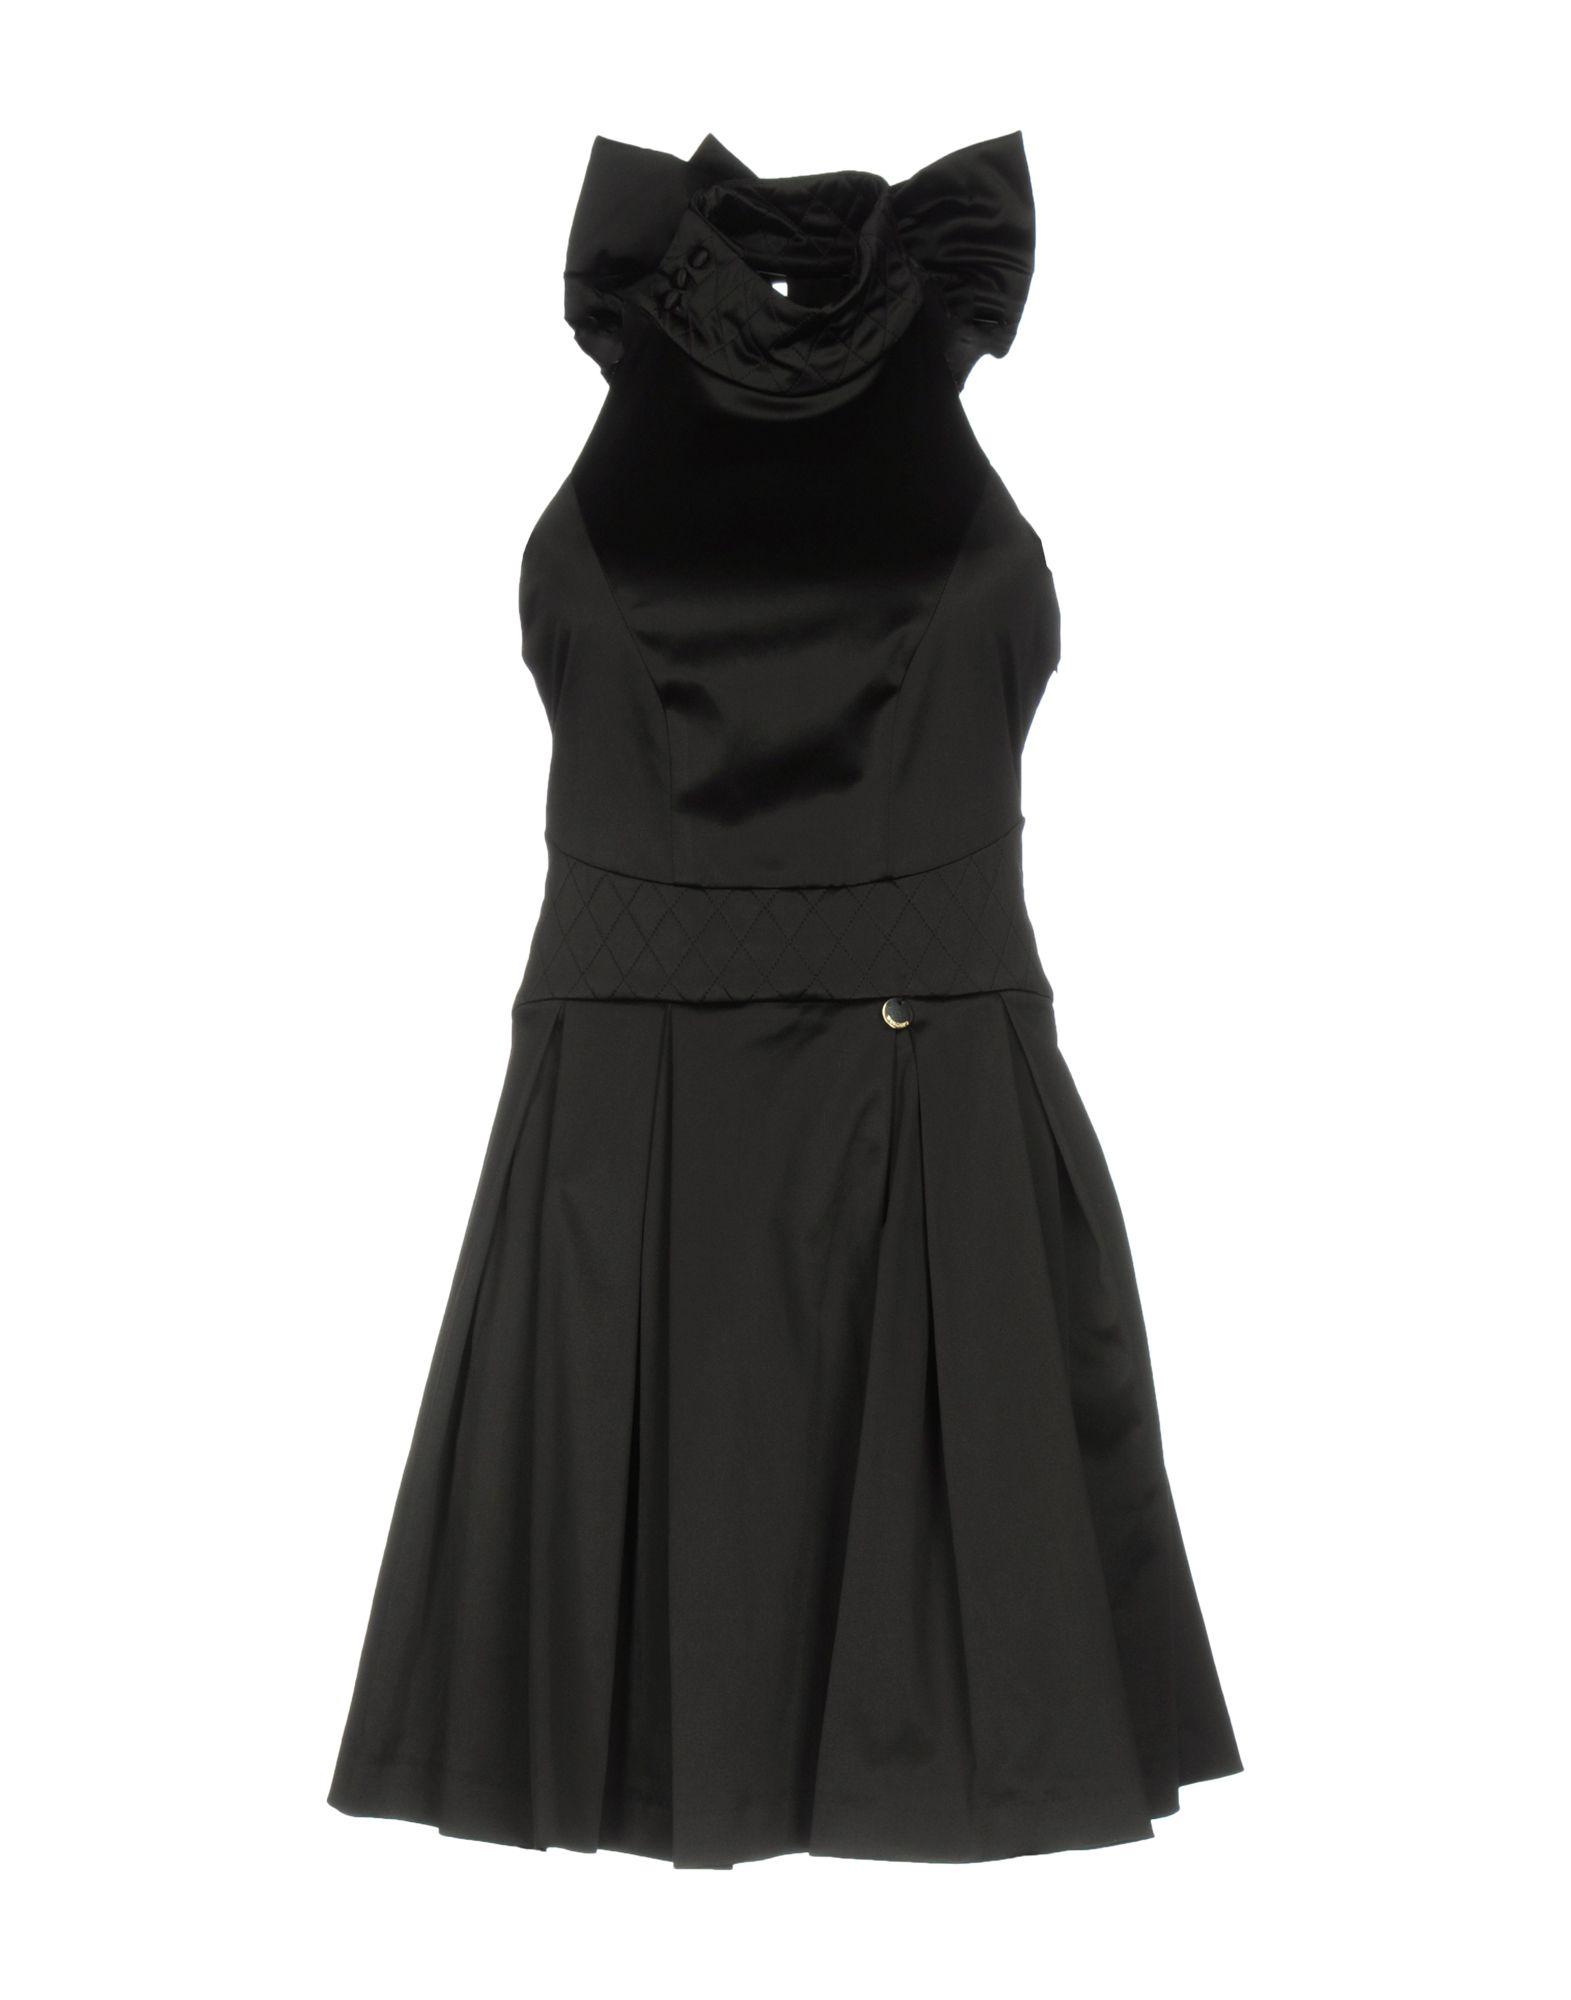 Vestito Corto Mangano Donna - Acquista online su 5Hejd4YRNO